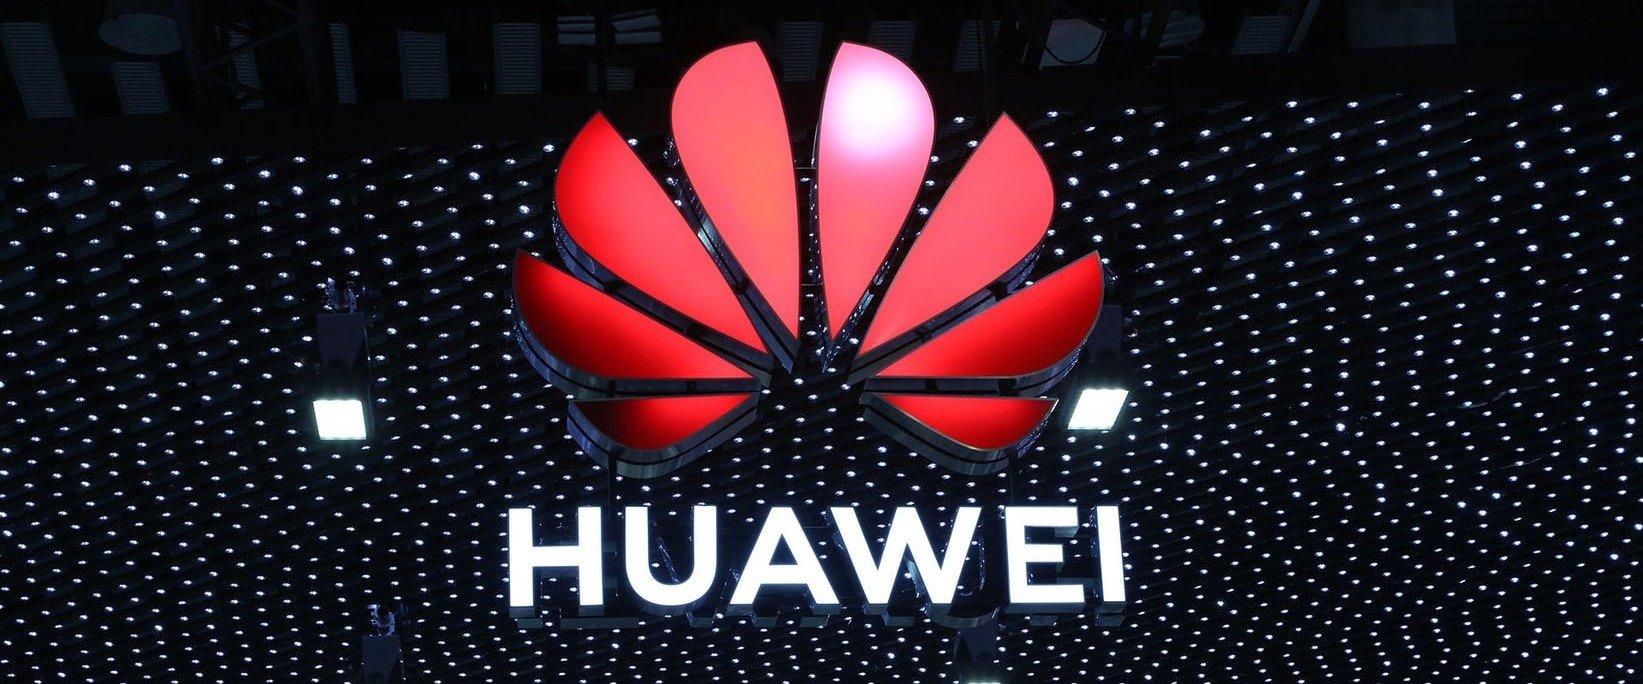 Huawei zachęca do współpracy publiczno-prywatnej na rzecz odbudowy zaufania do technologii